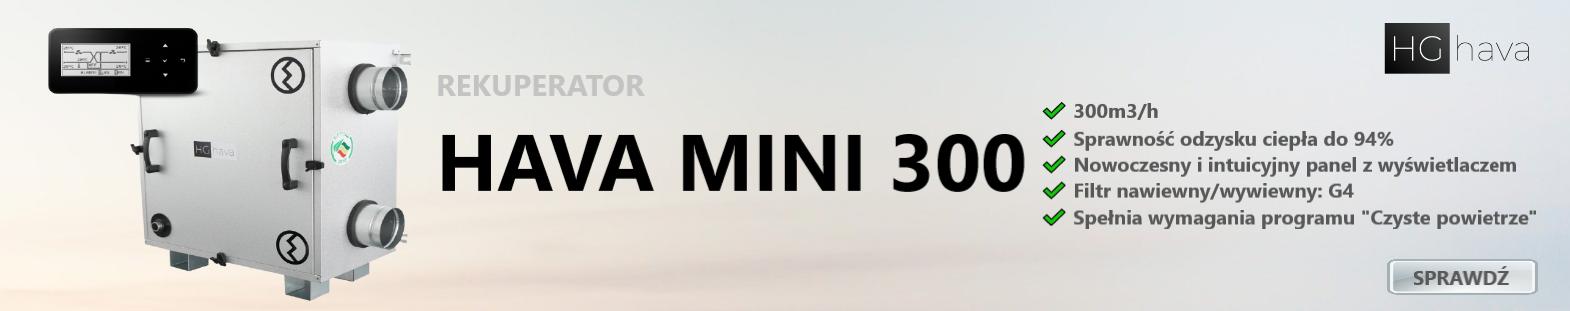 HAVA MINI 300